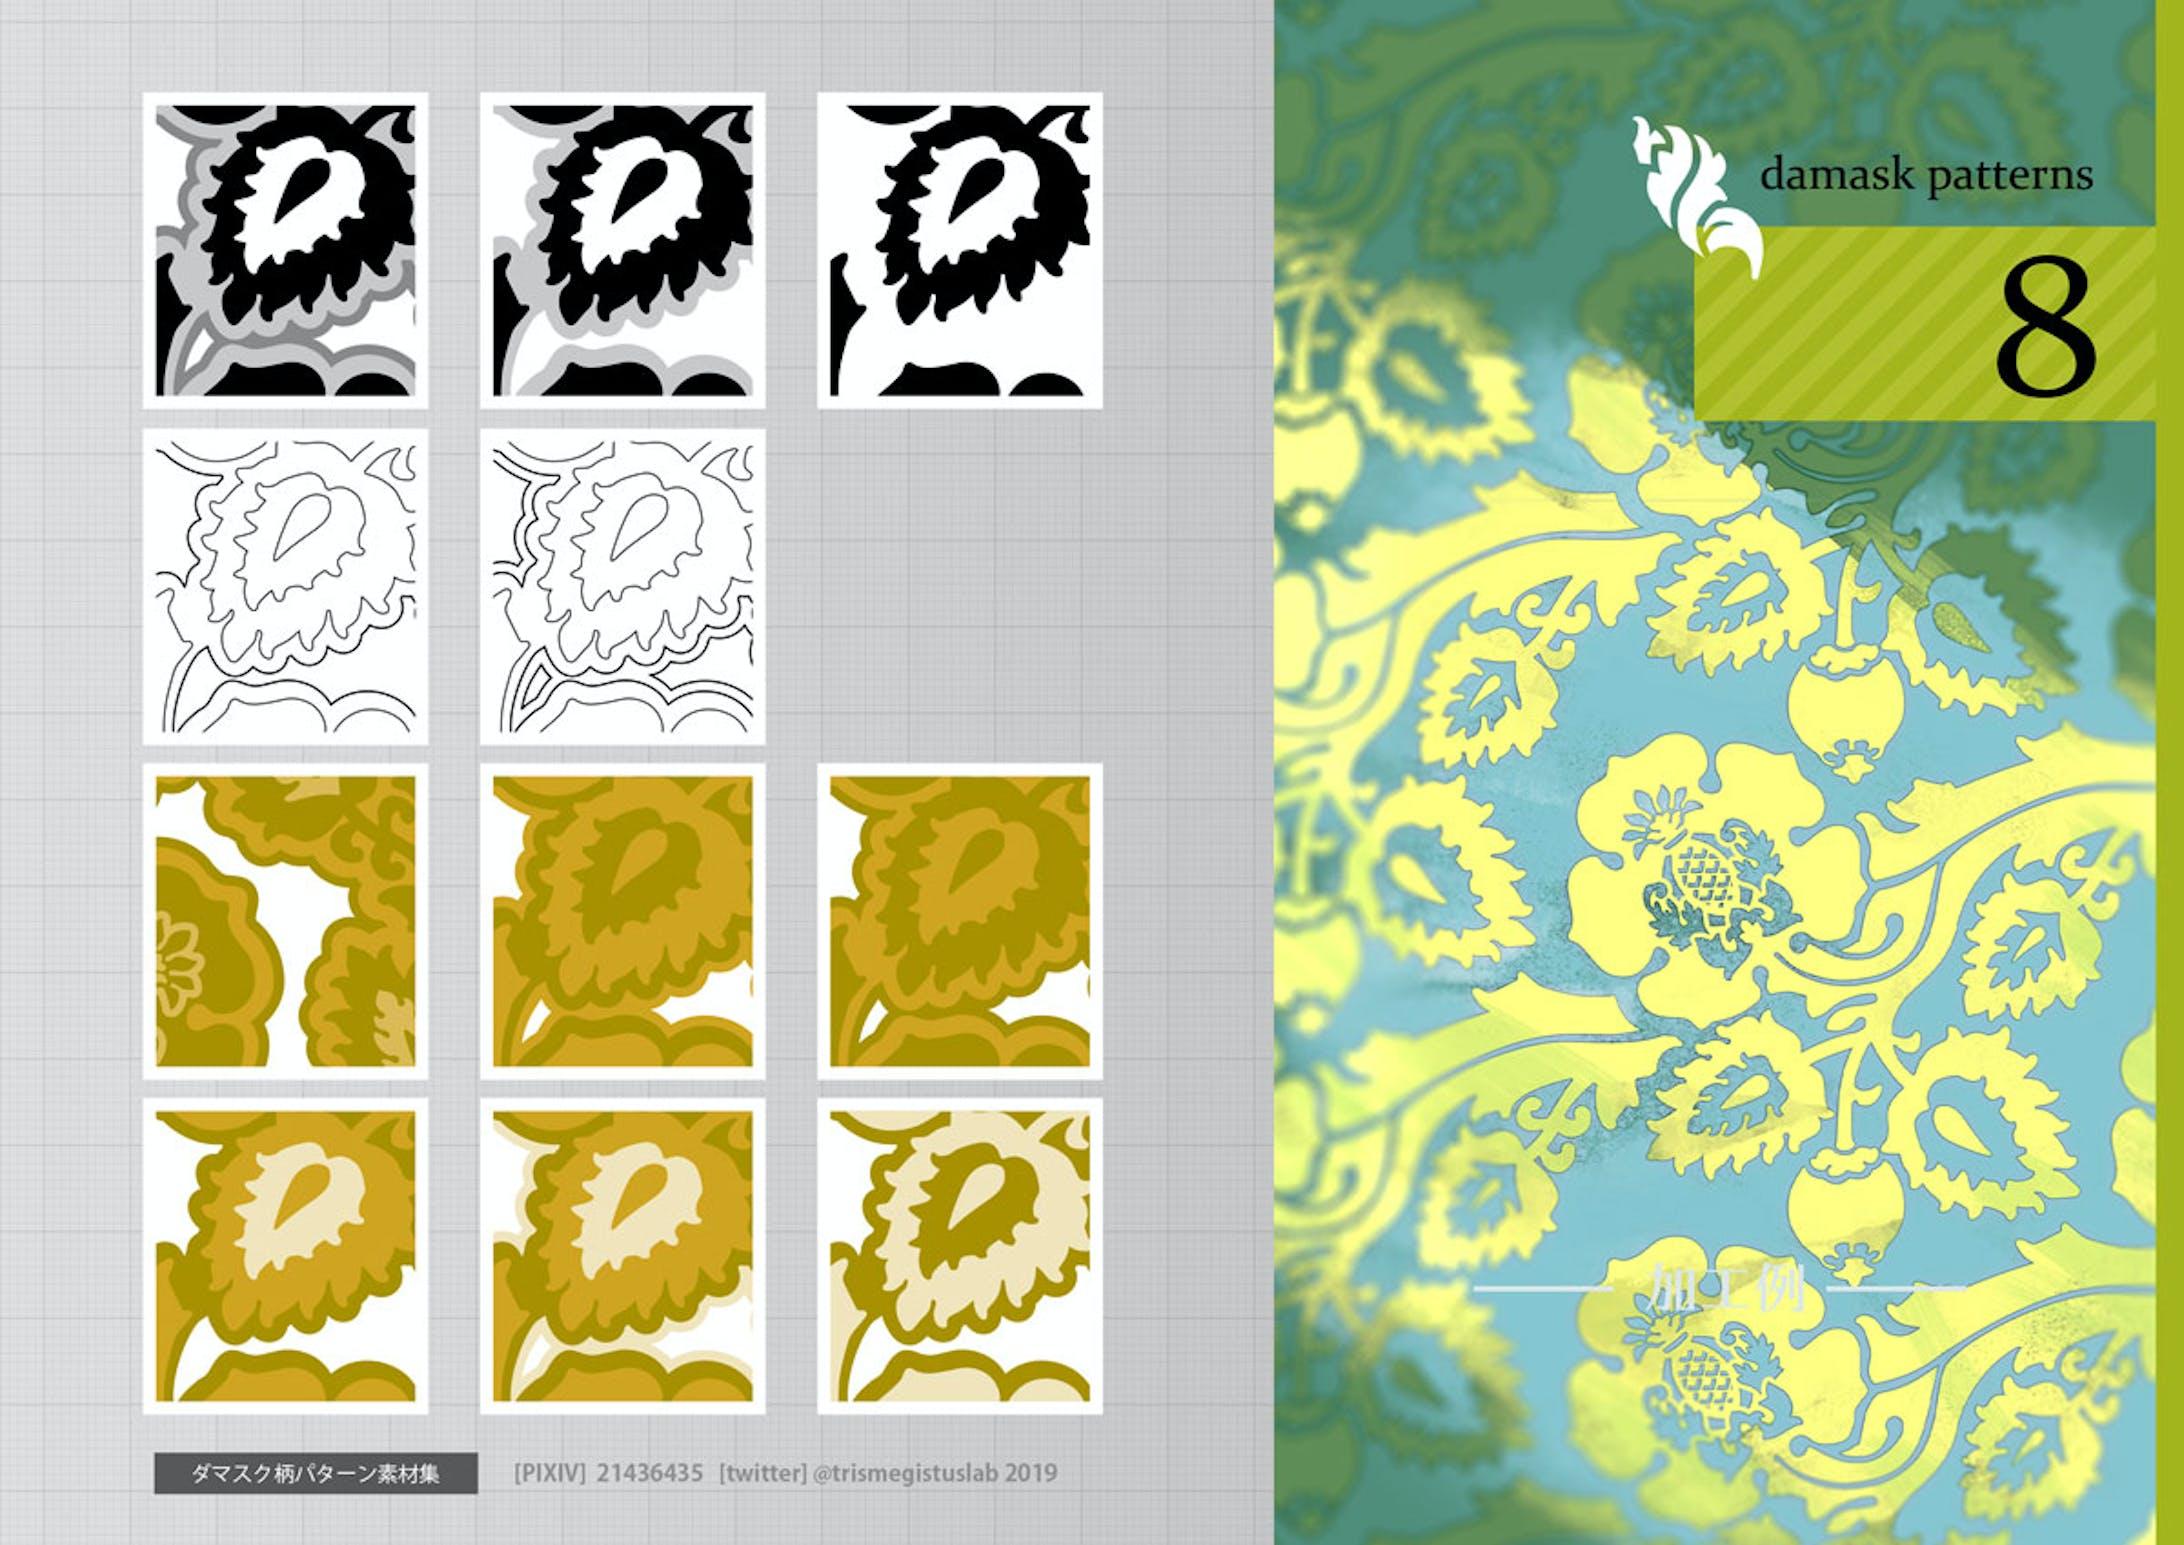 Illustratorでのシームレスパターン作成-9